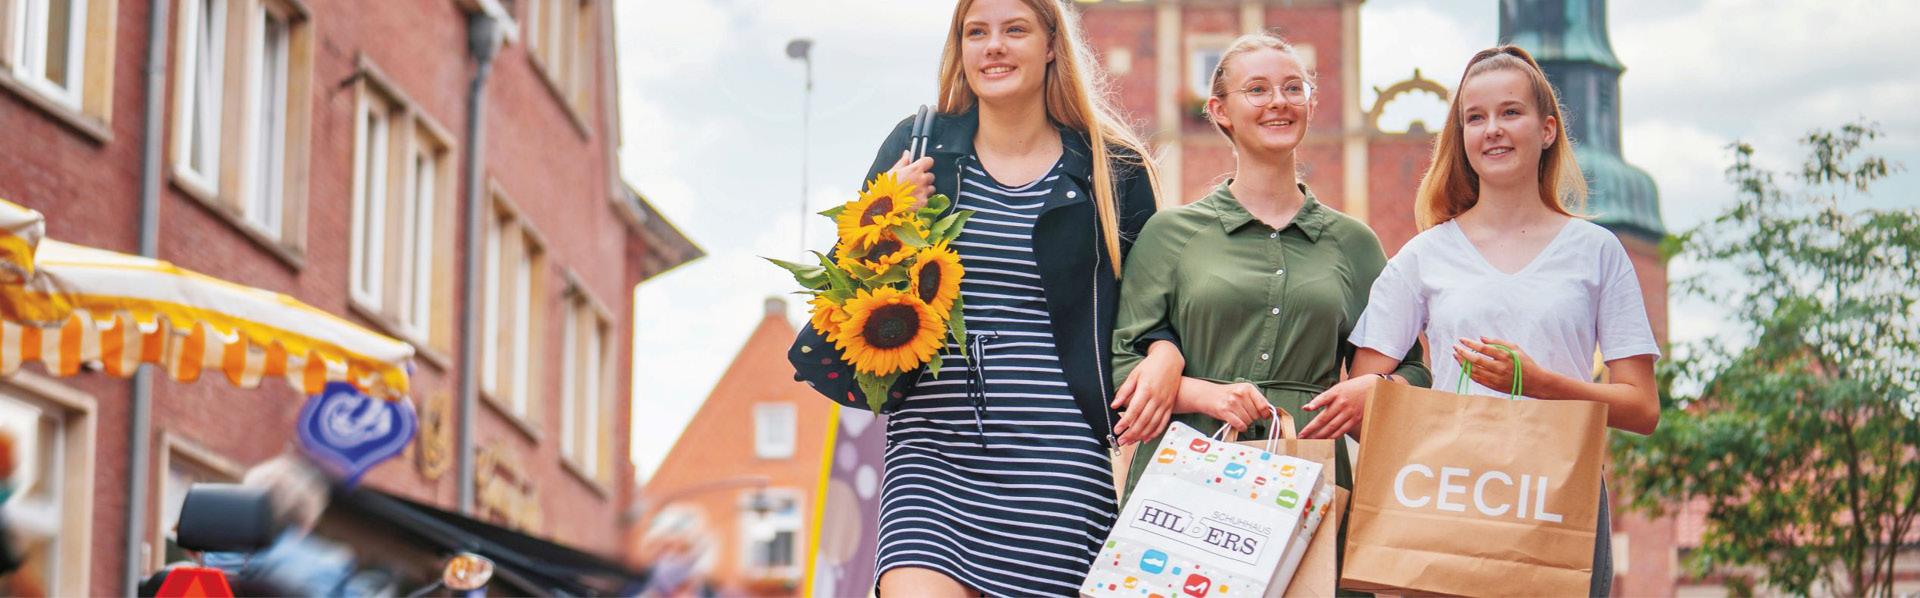 Stadt Meppen - Shoppingtour